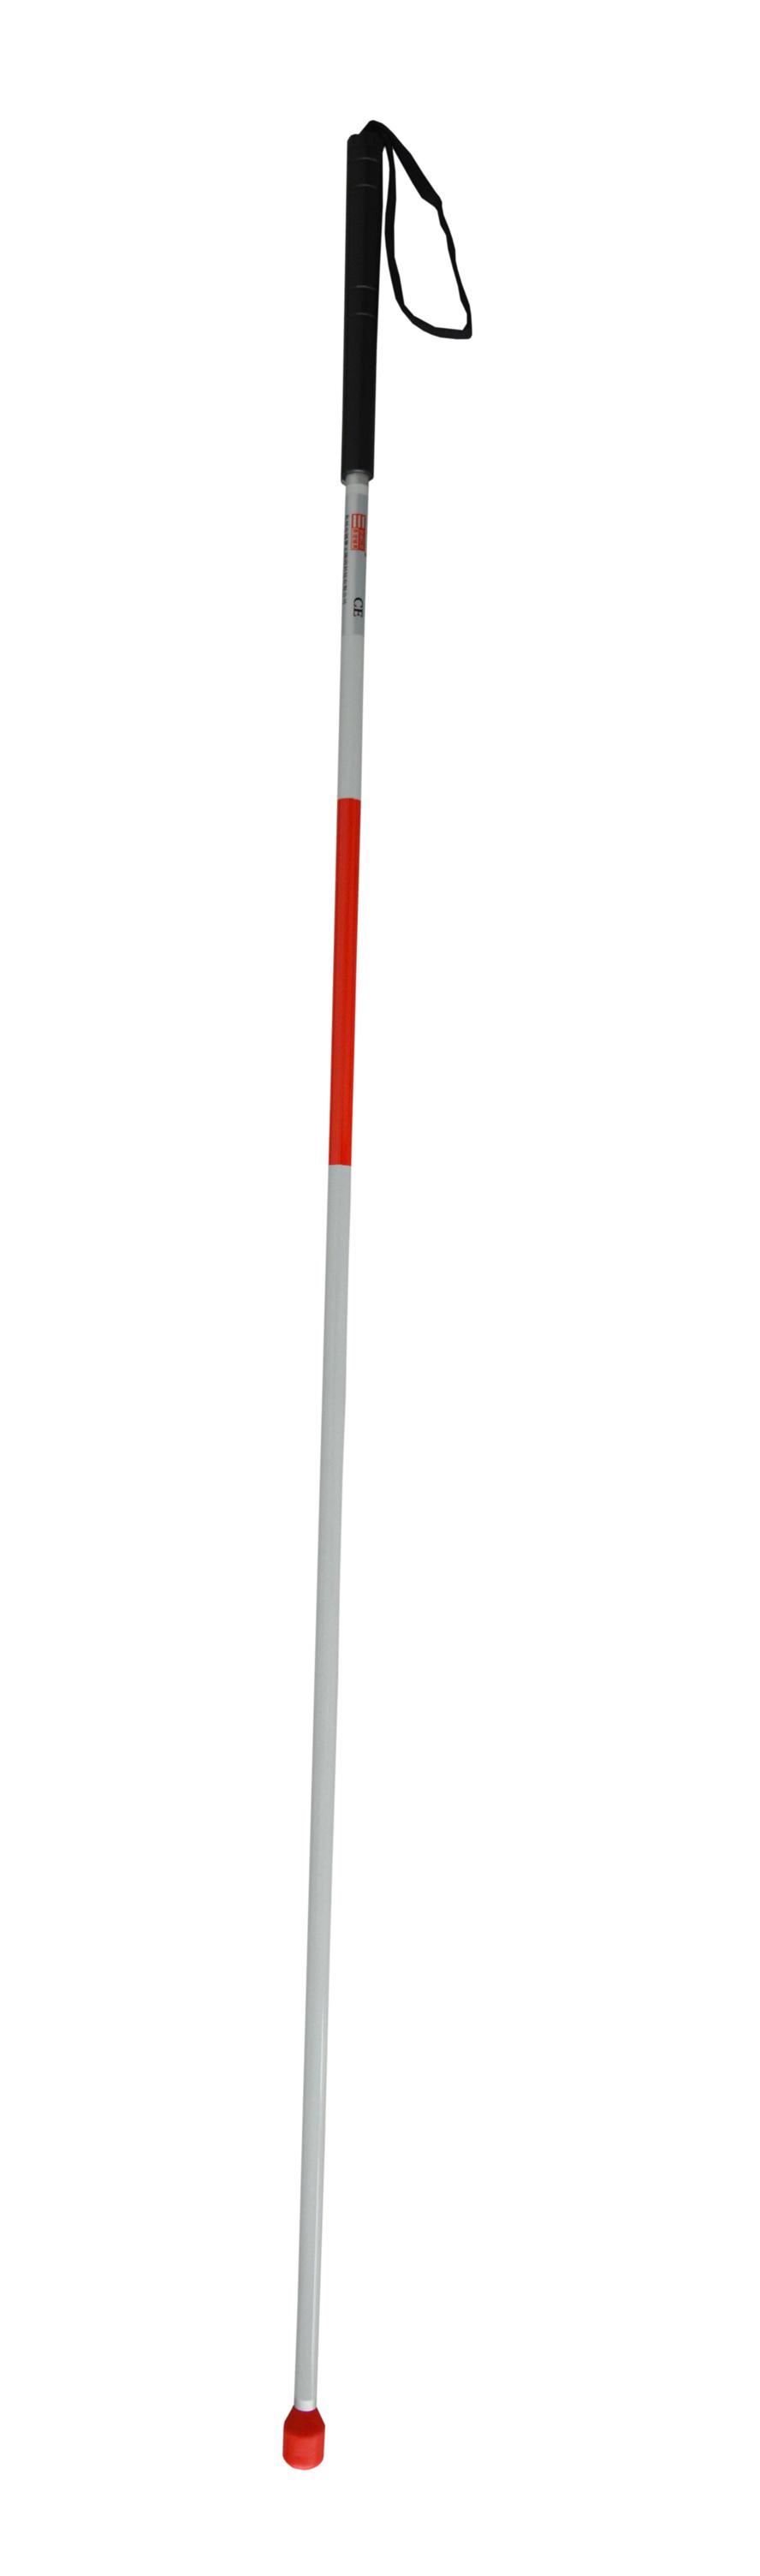 直杆成人盲杖V-842A